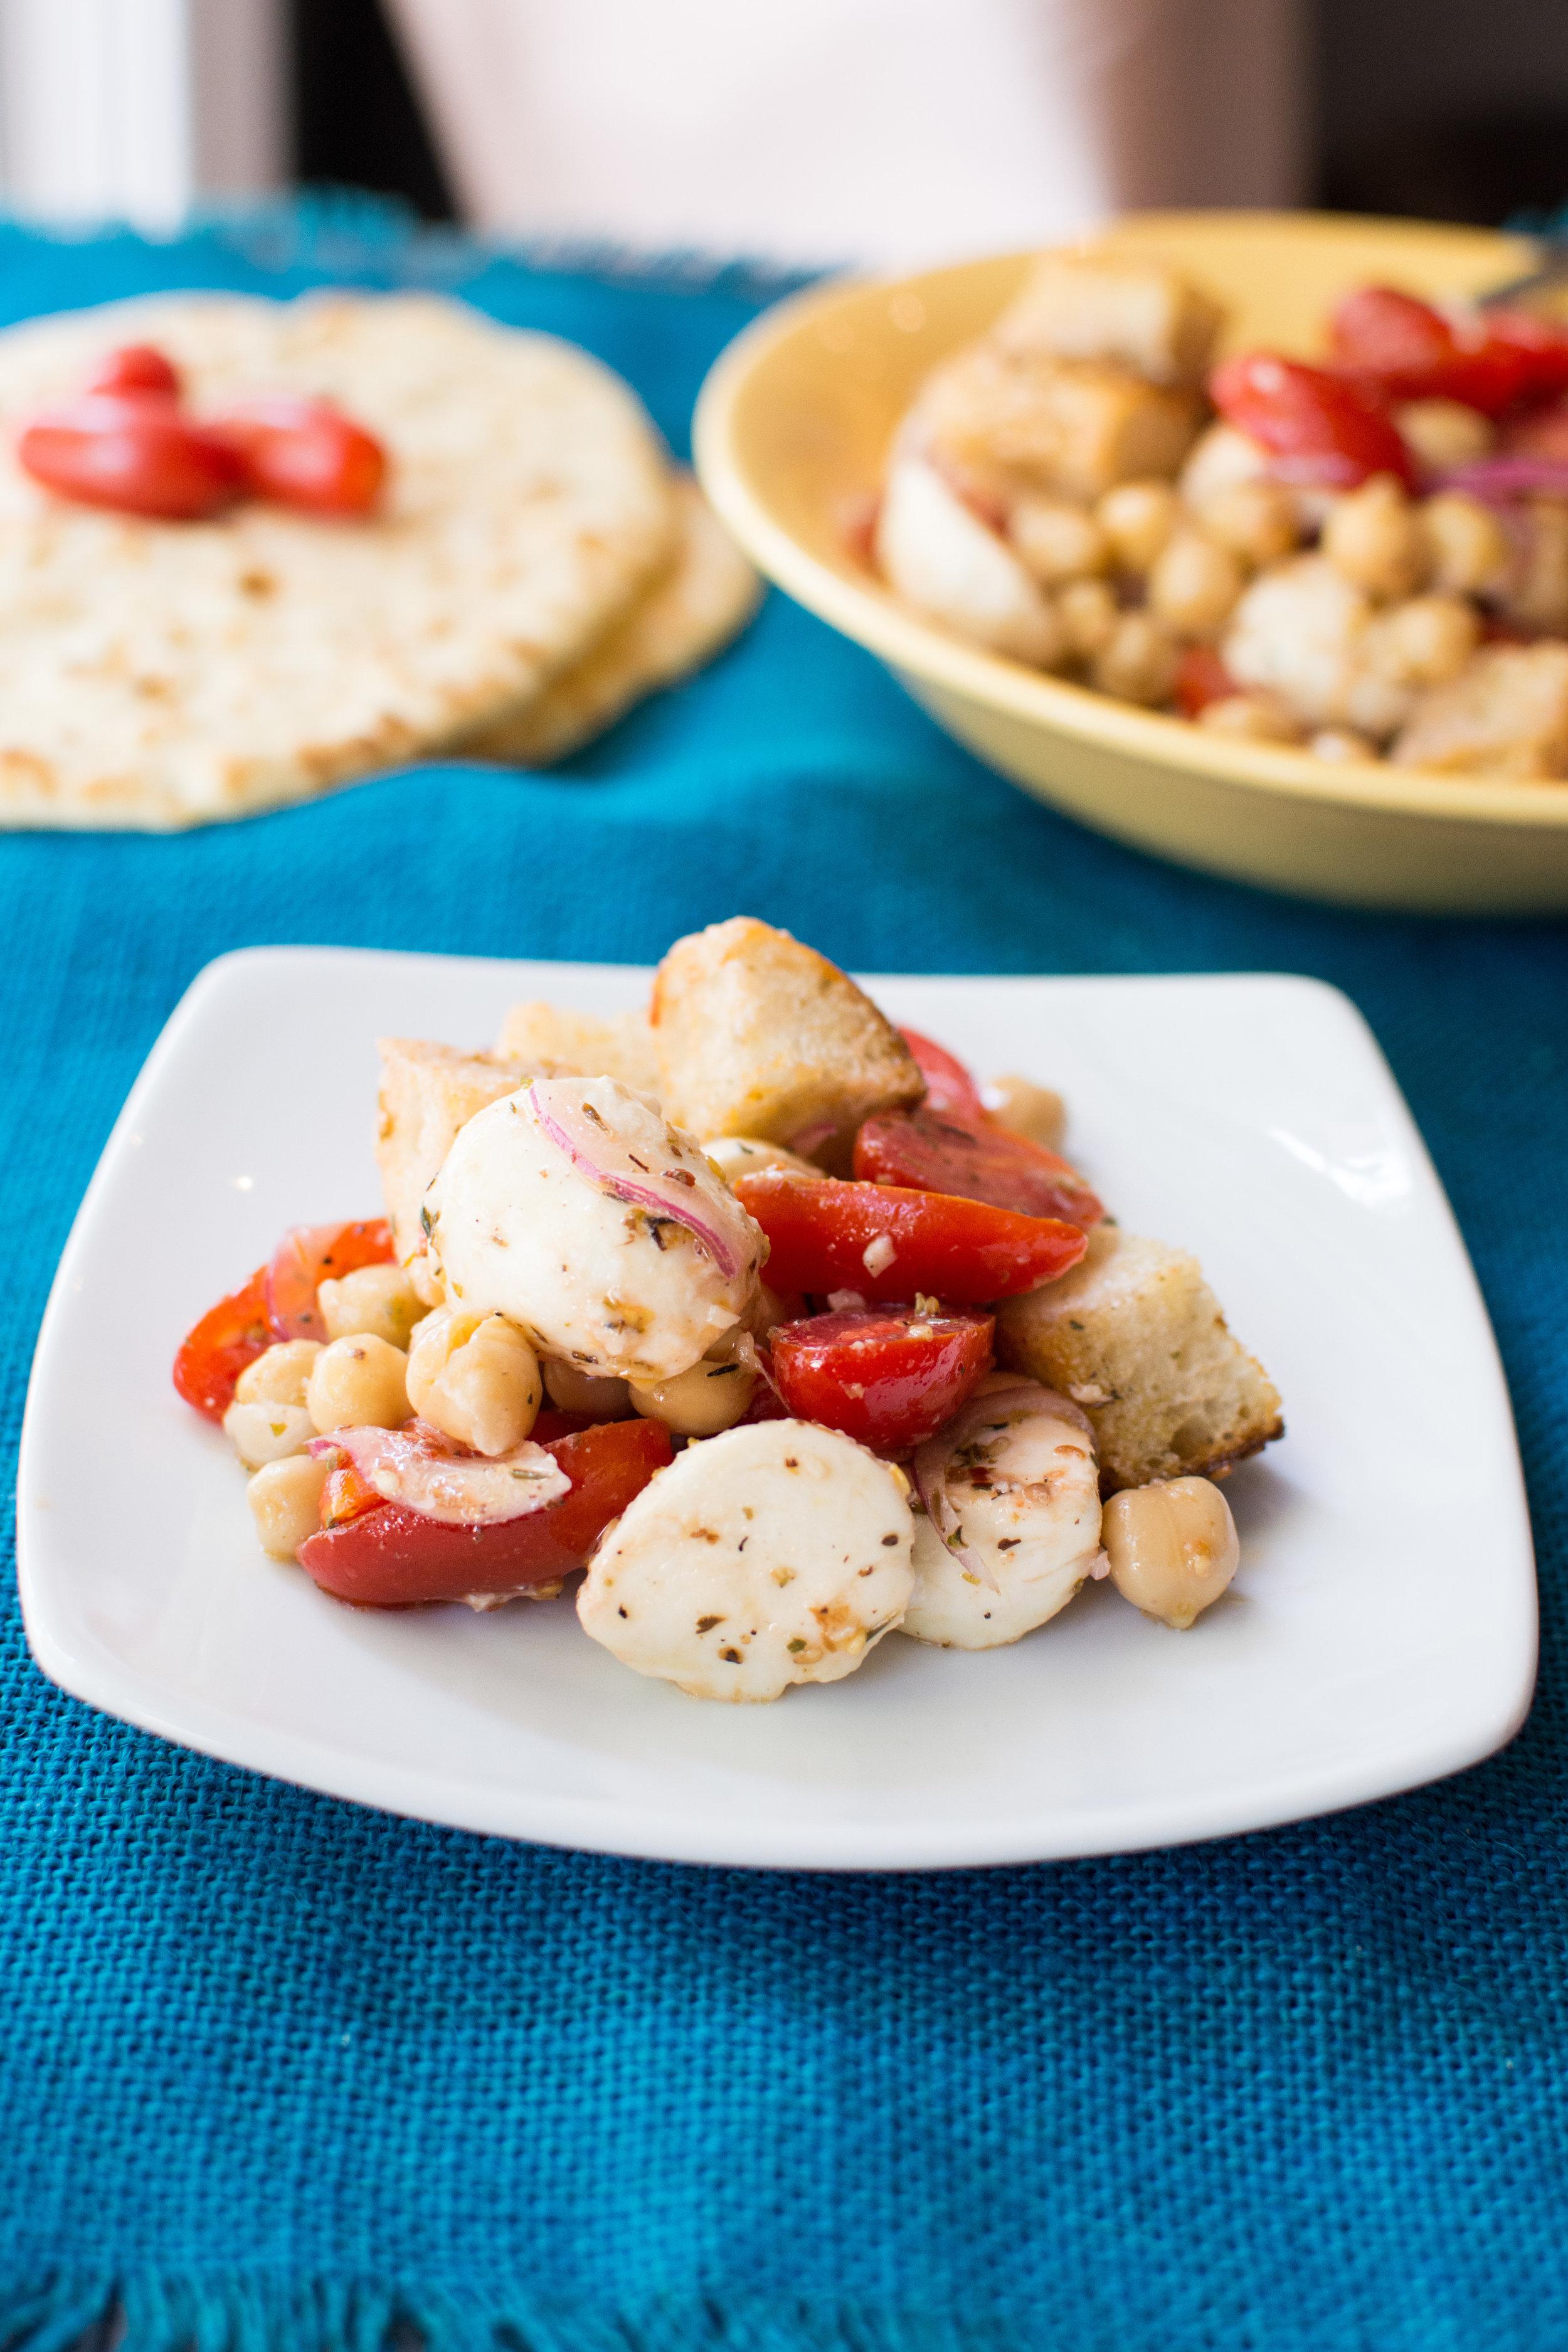 Za'atar Spiced Bread Salad